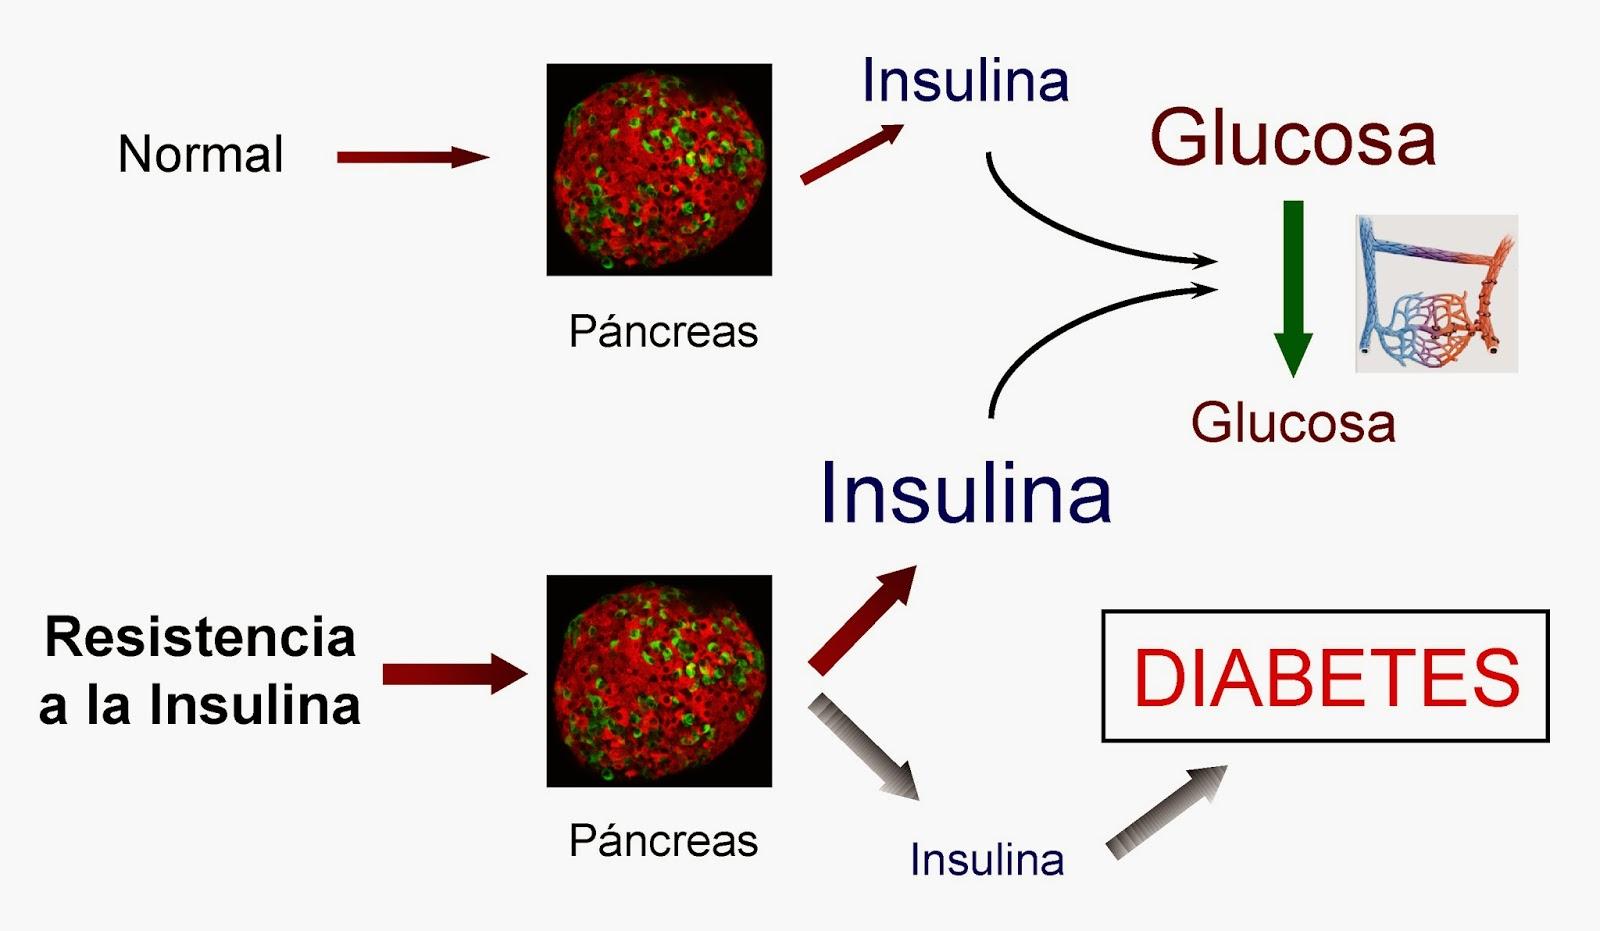 El fallo en el páncreas con resistencia a la insulina provoca diabetes